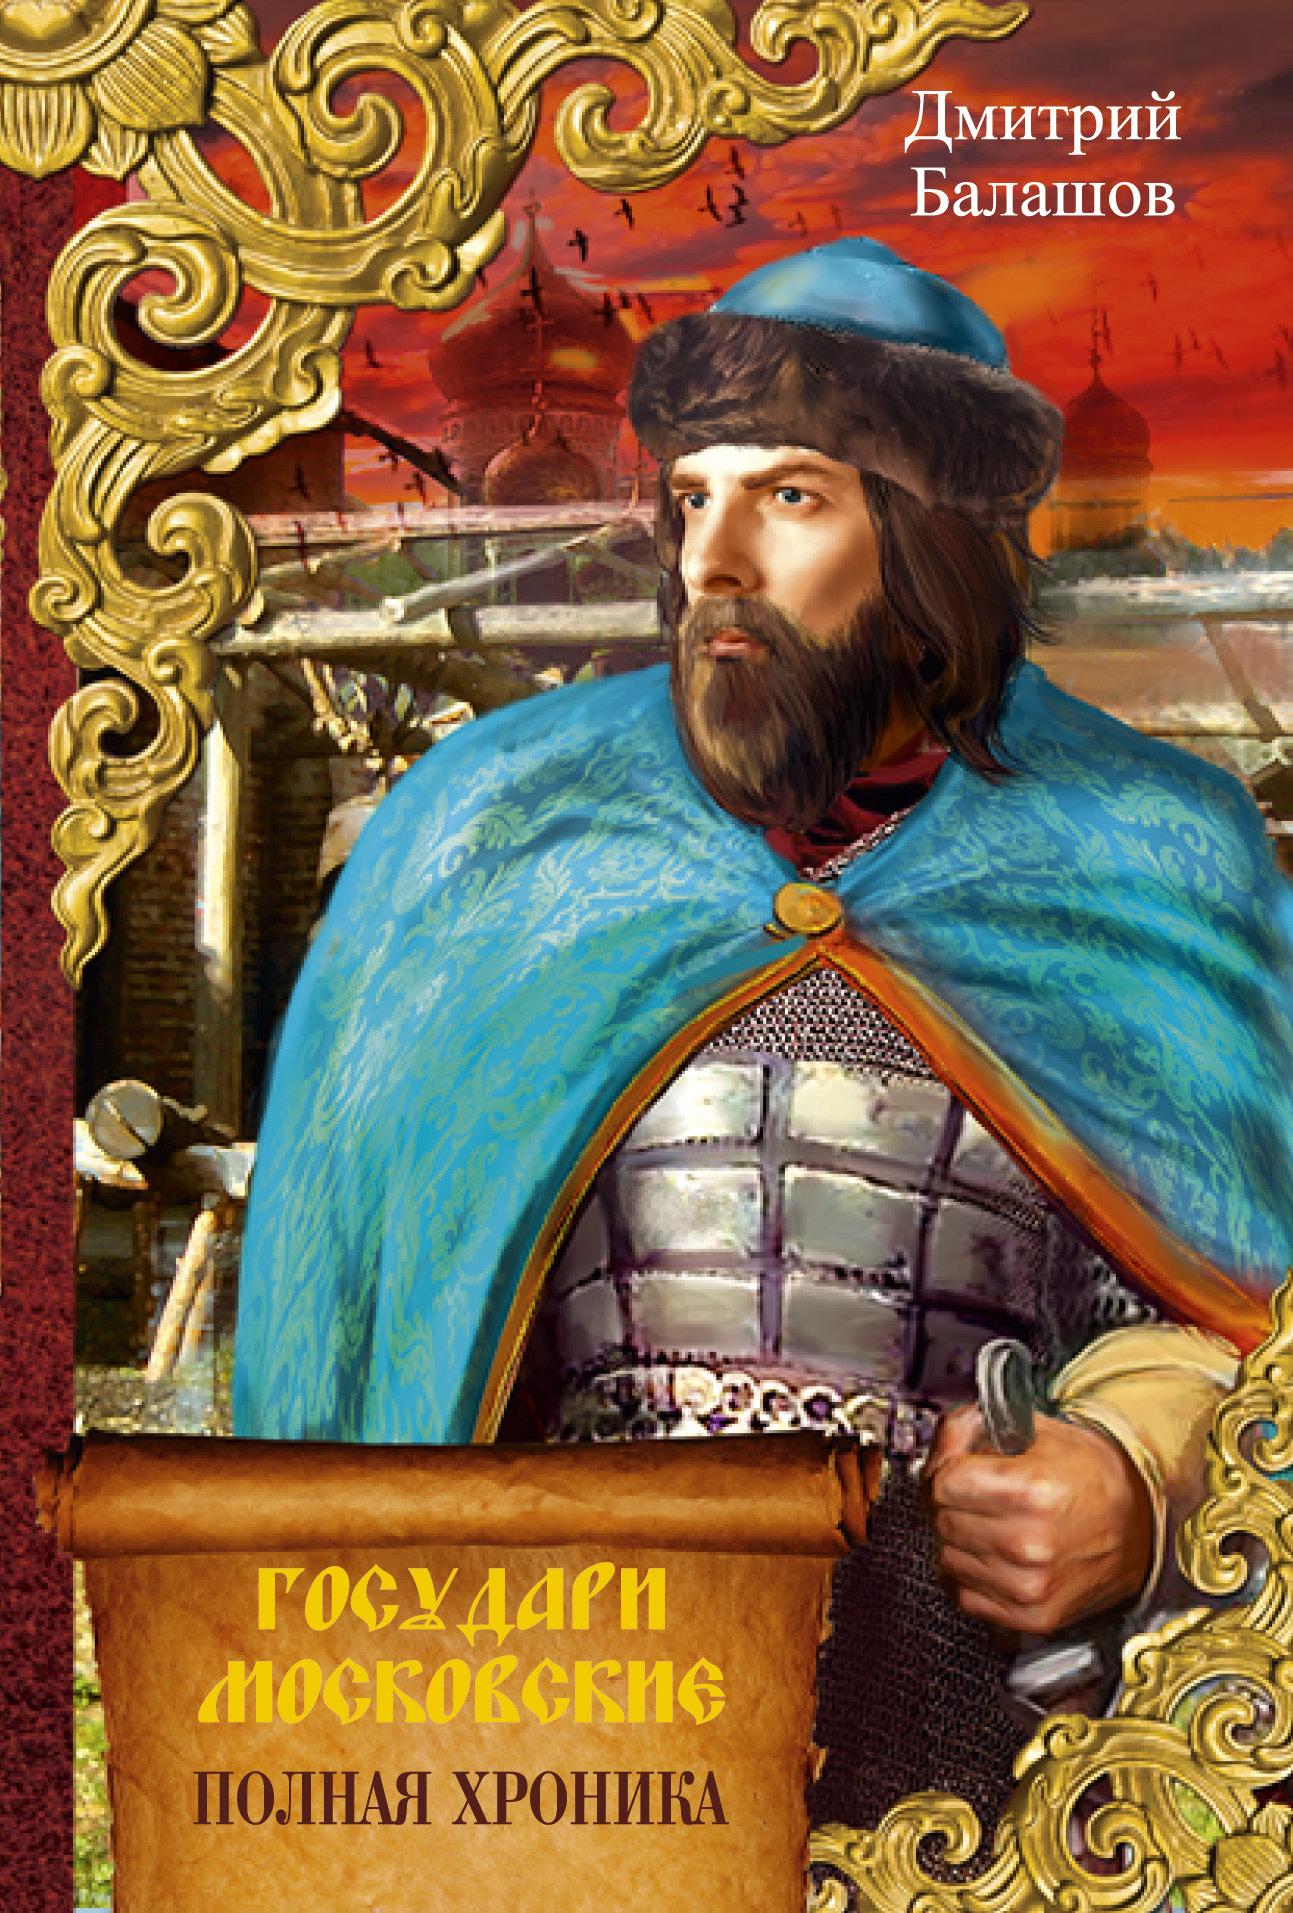 Игры Царь Бремя Власти